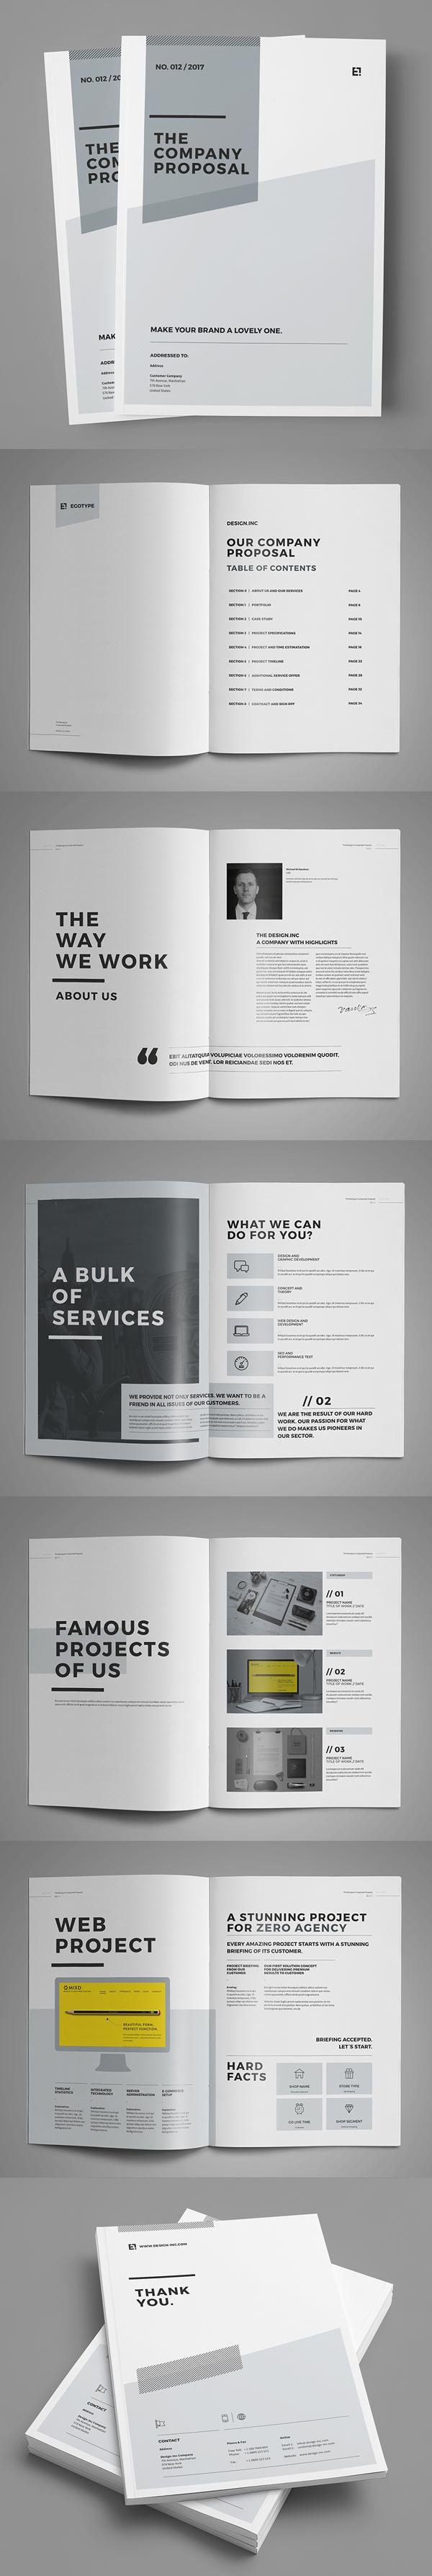 上海画册设计公司创意画册-最低和专业提案宣传册设计模板(36页)